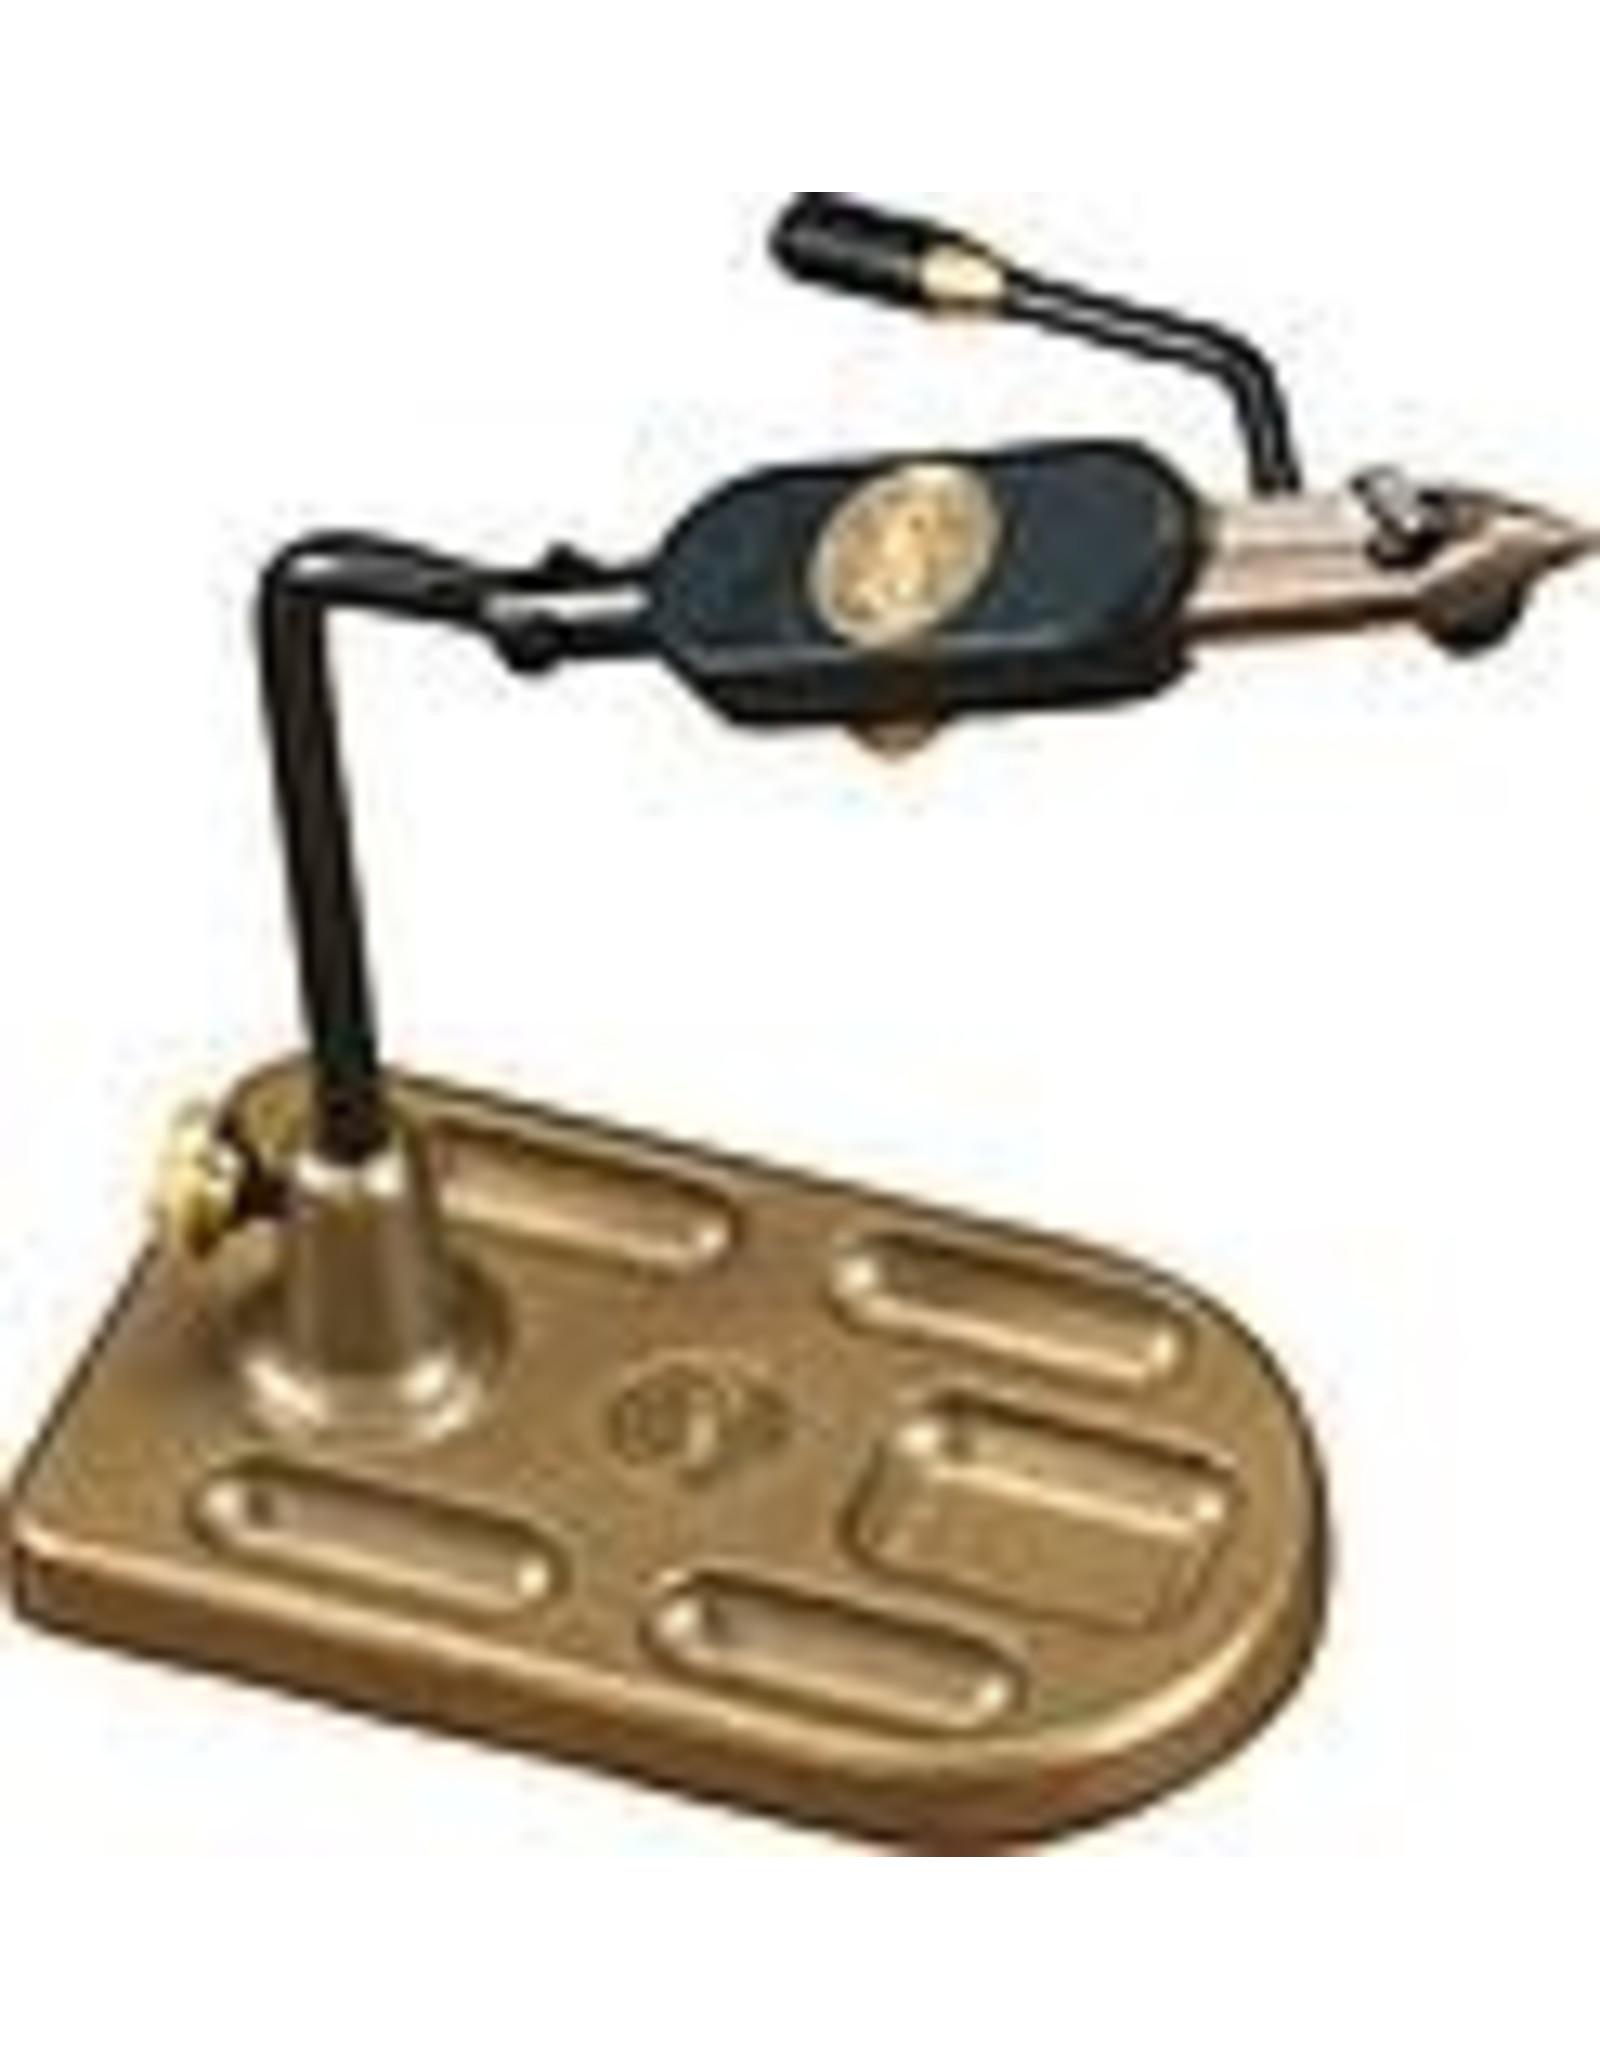 Regal Regal Medallion Vise with Brass Pocket Base